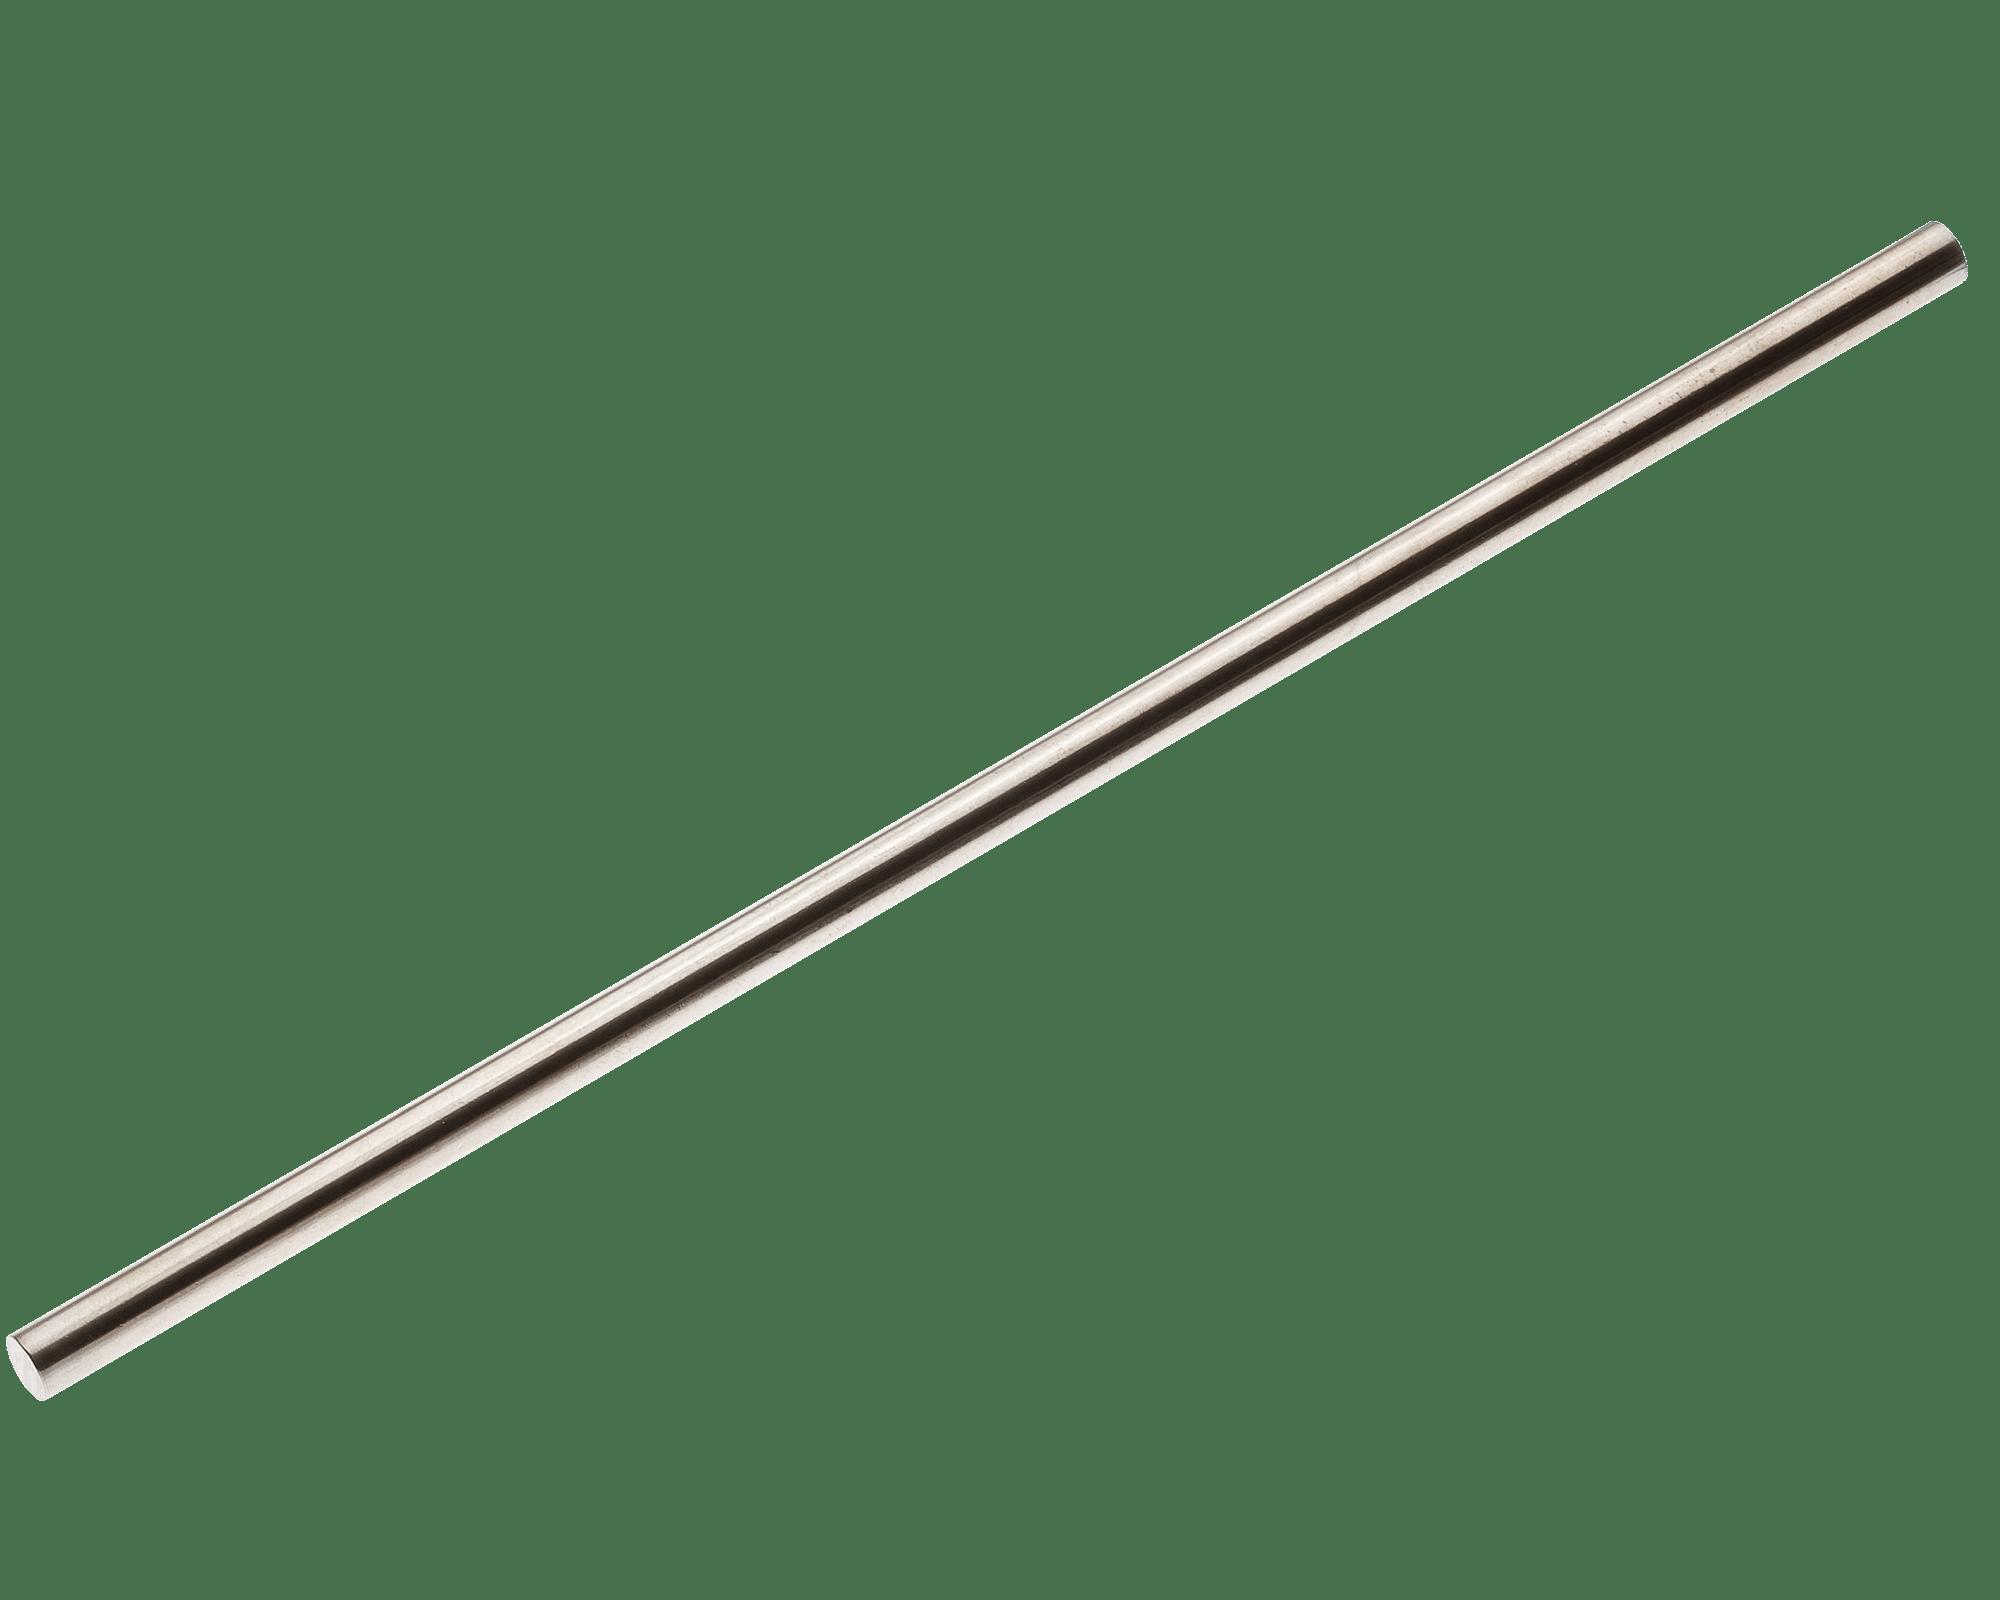 """ER0811 Electrode Rod<br>1/4"""" OD, 8"""" Length<br> RWMA 11"""